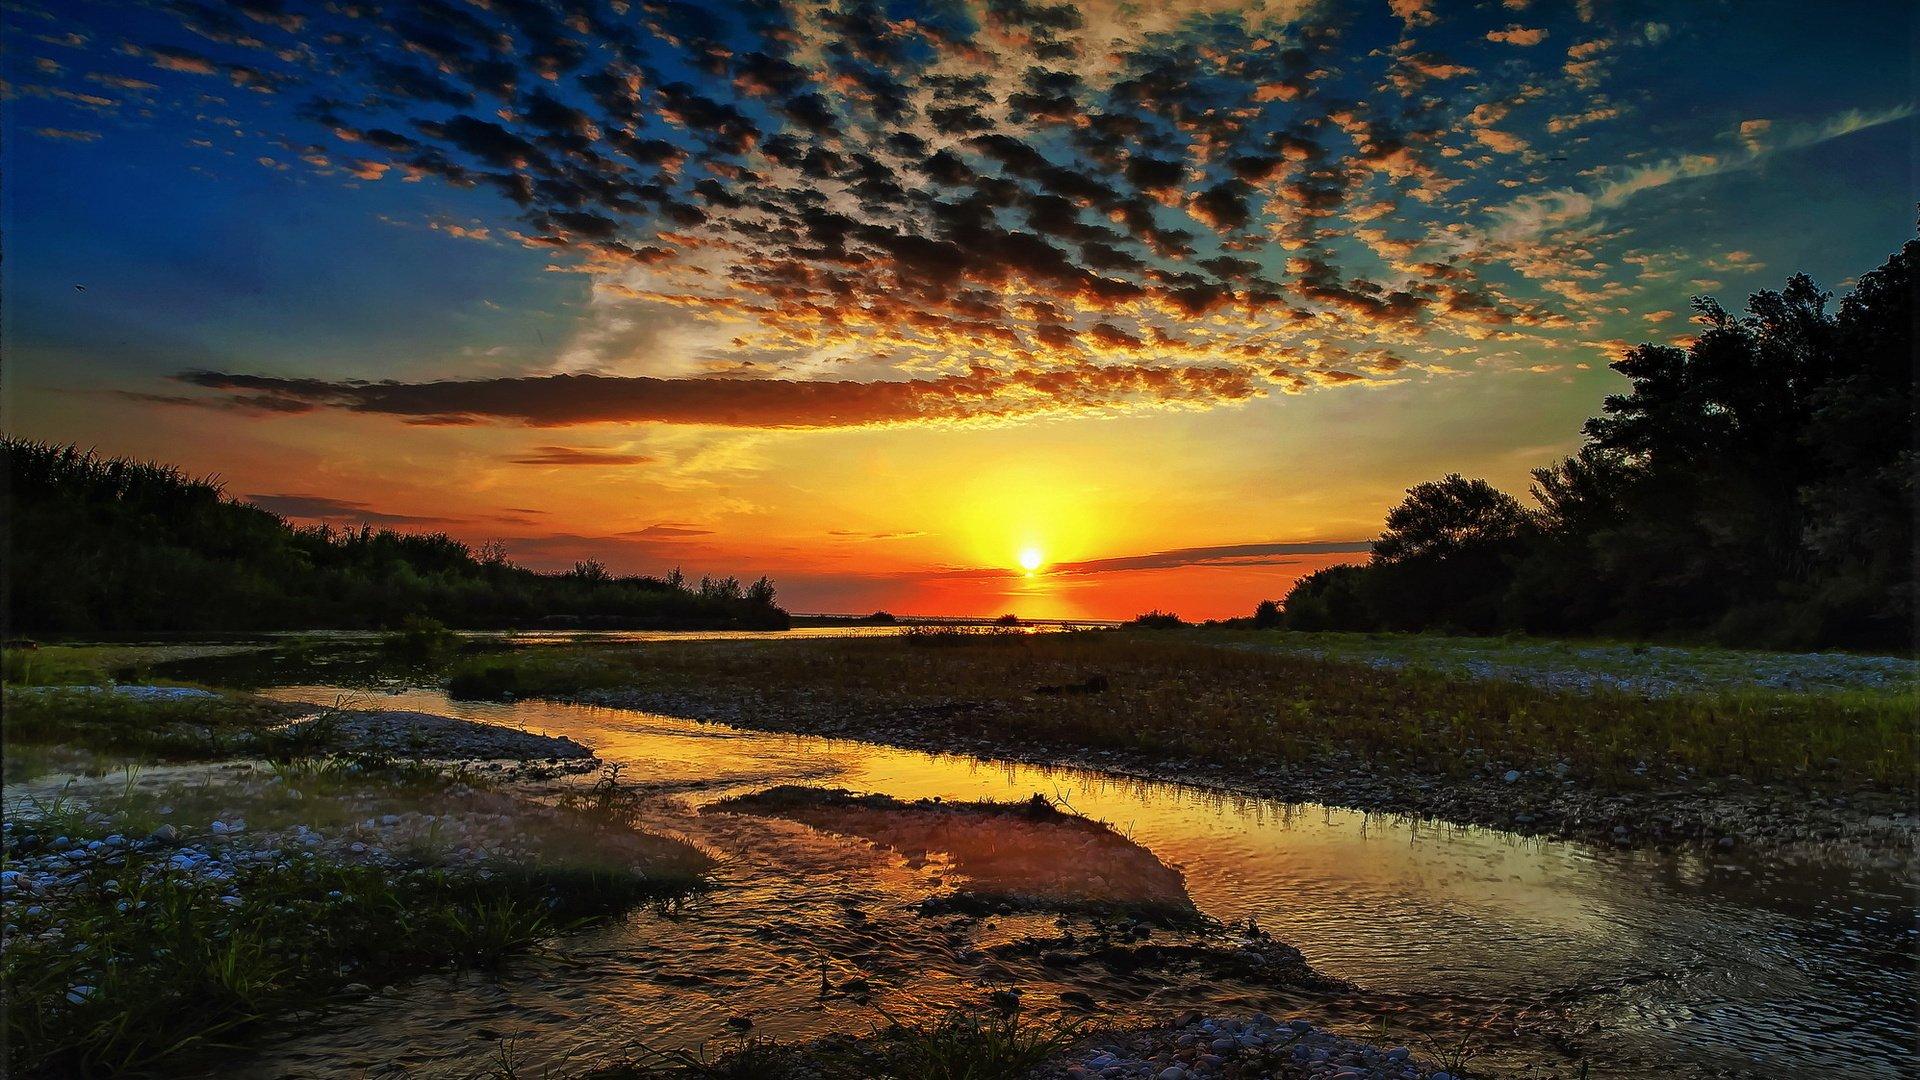 природа облака солнце река  № 2602946 загрузить